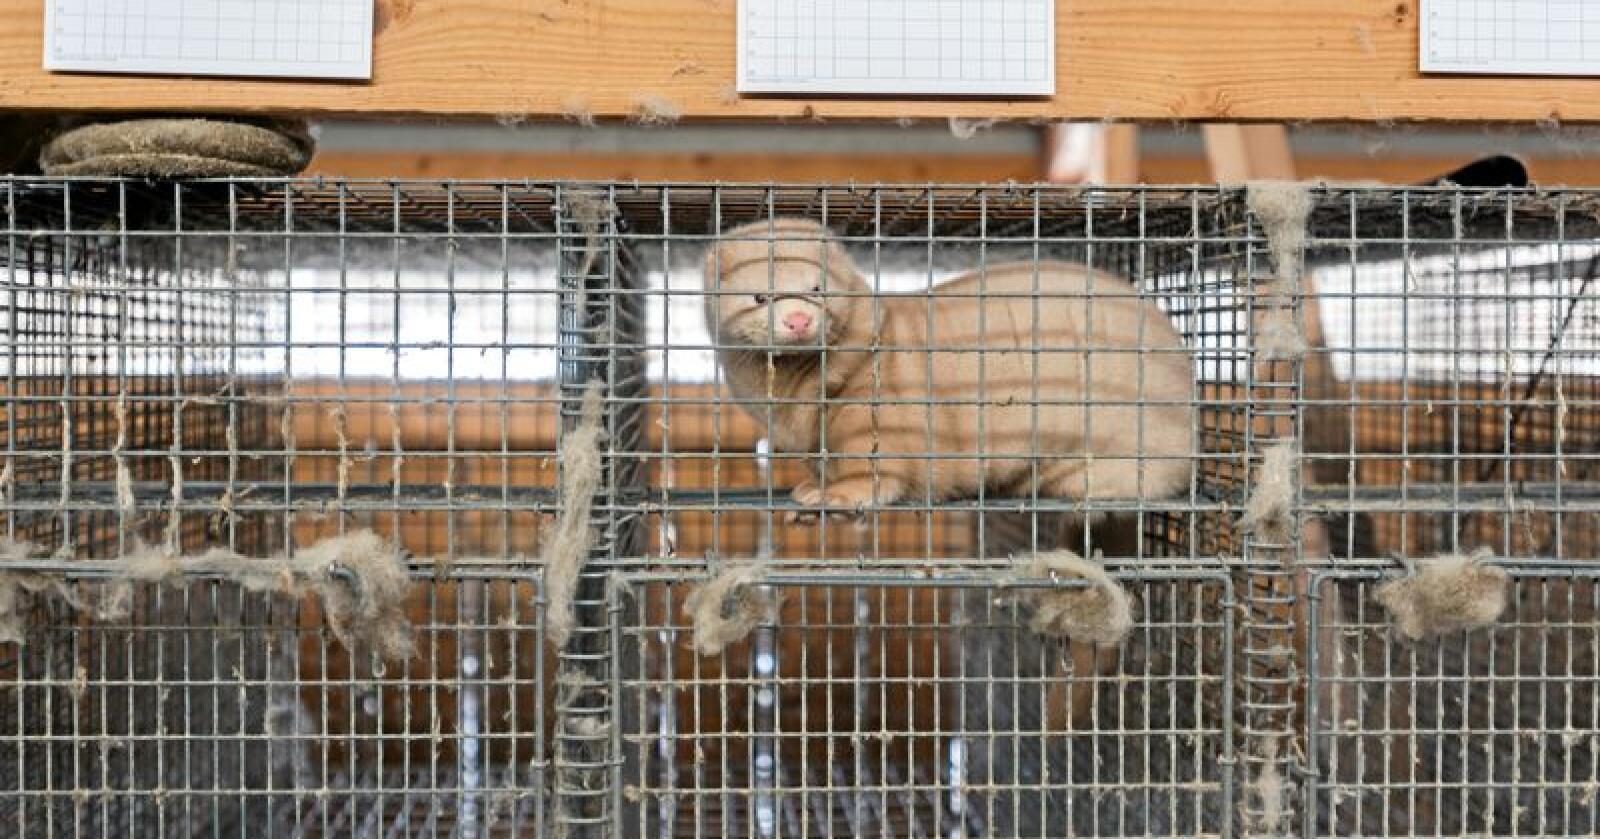 Loven om hold av pelsdyr skal opp til behandling i Stortinget, men nå ønsker Arbeiderpartiet å stoppe behandlingen. Foto: Havard Zeiner